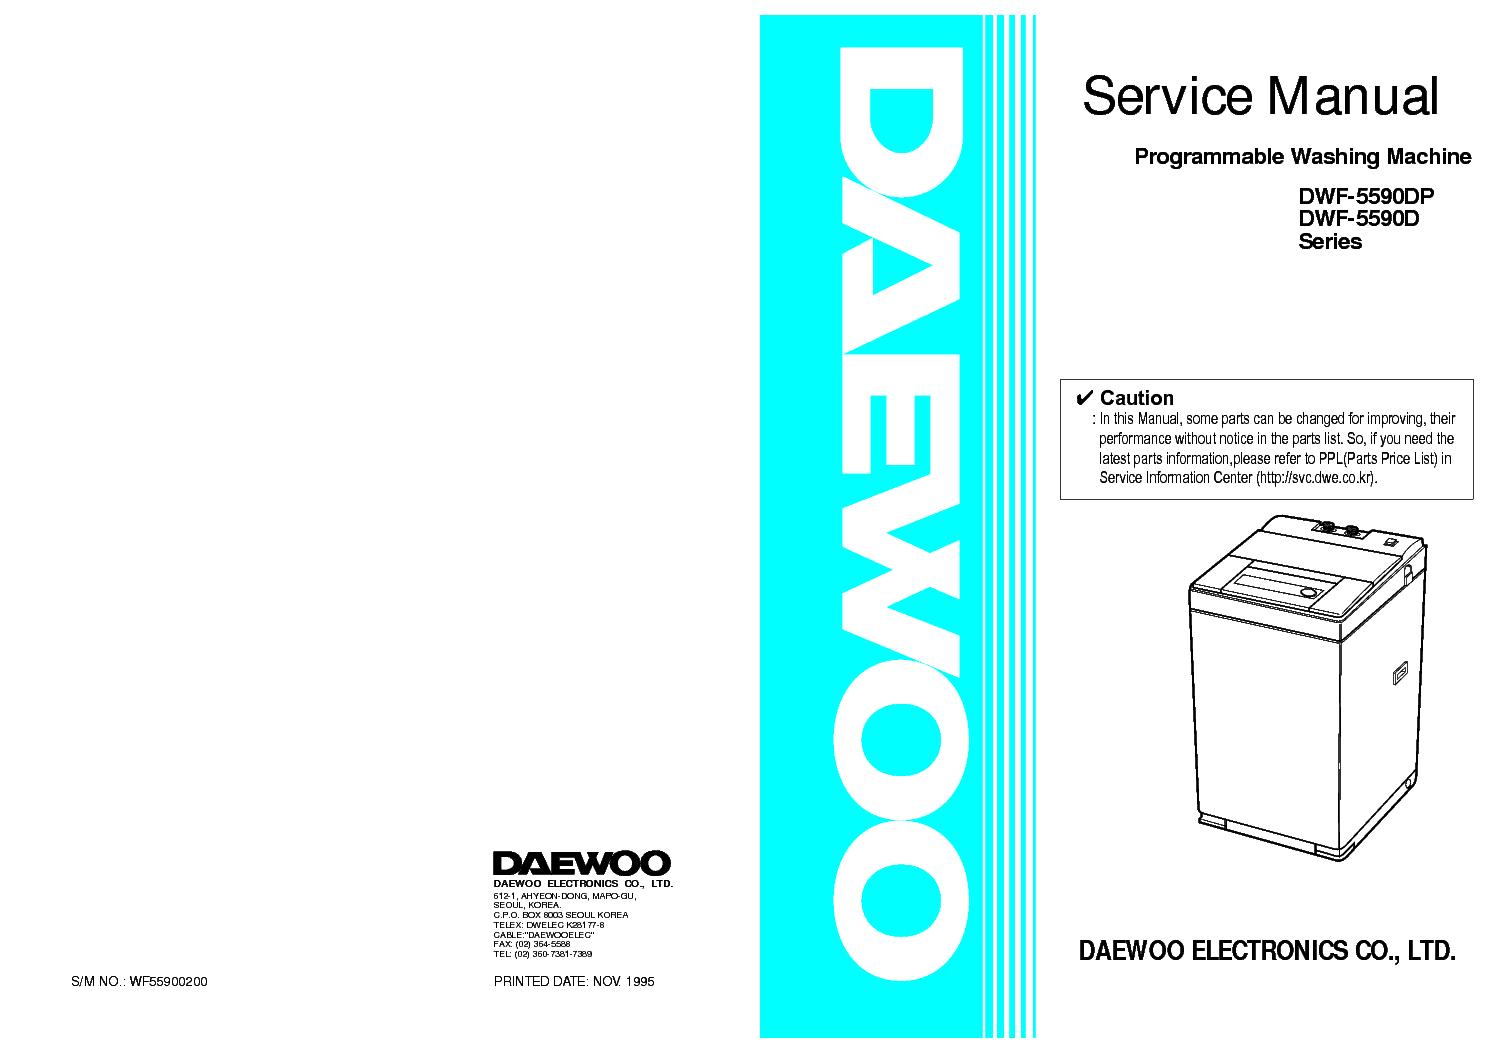 Daewoo dwf-5590dp инструкция